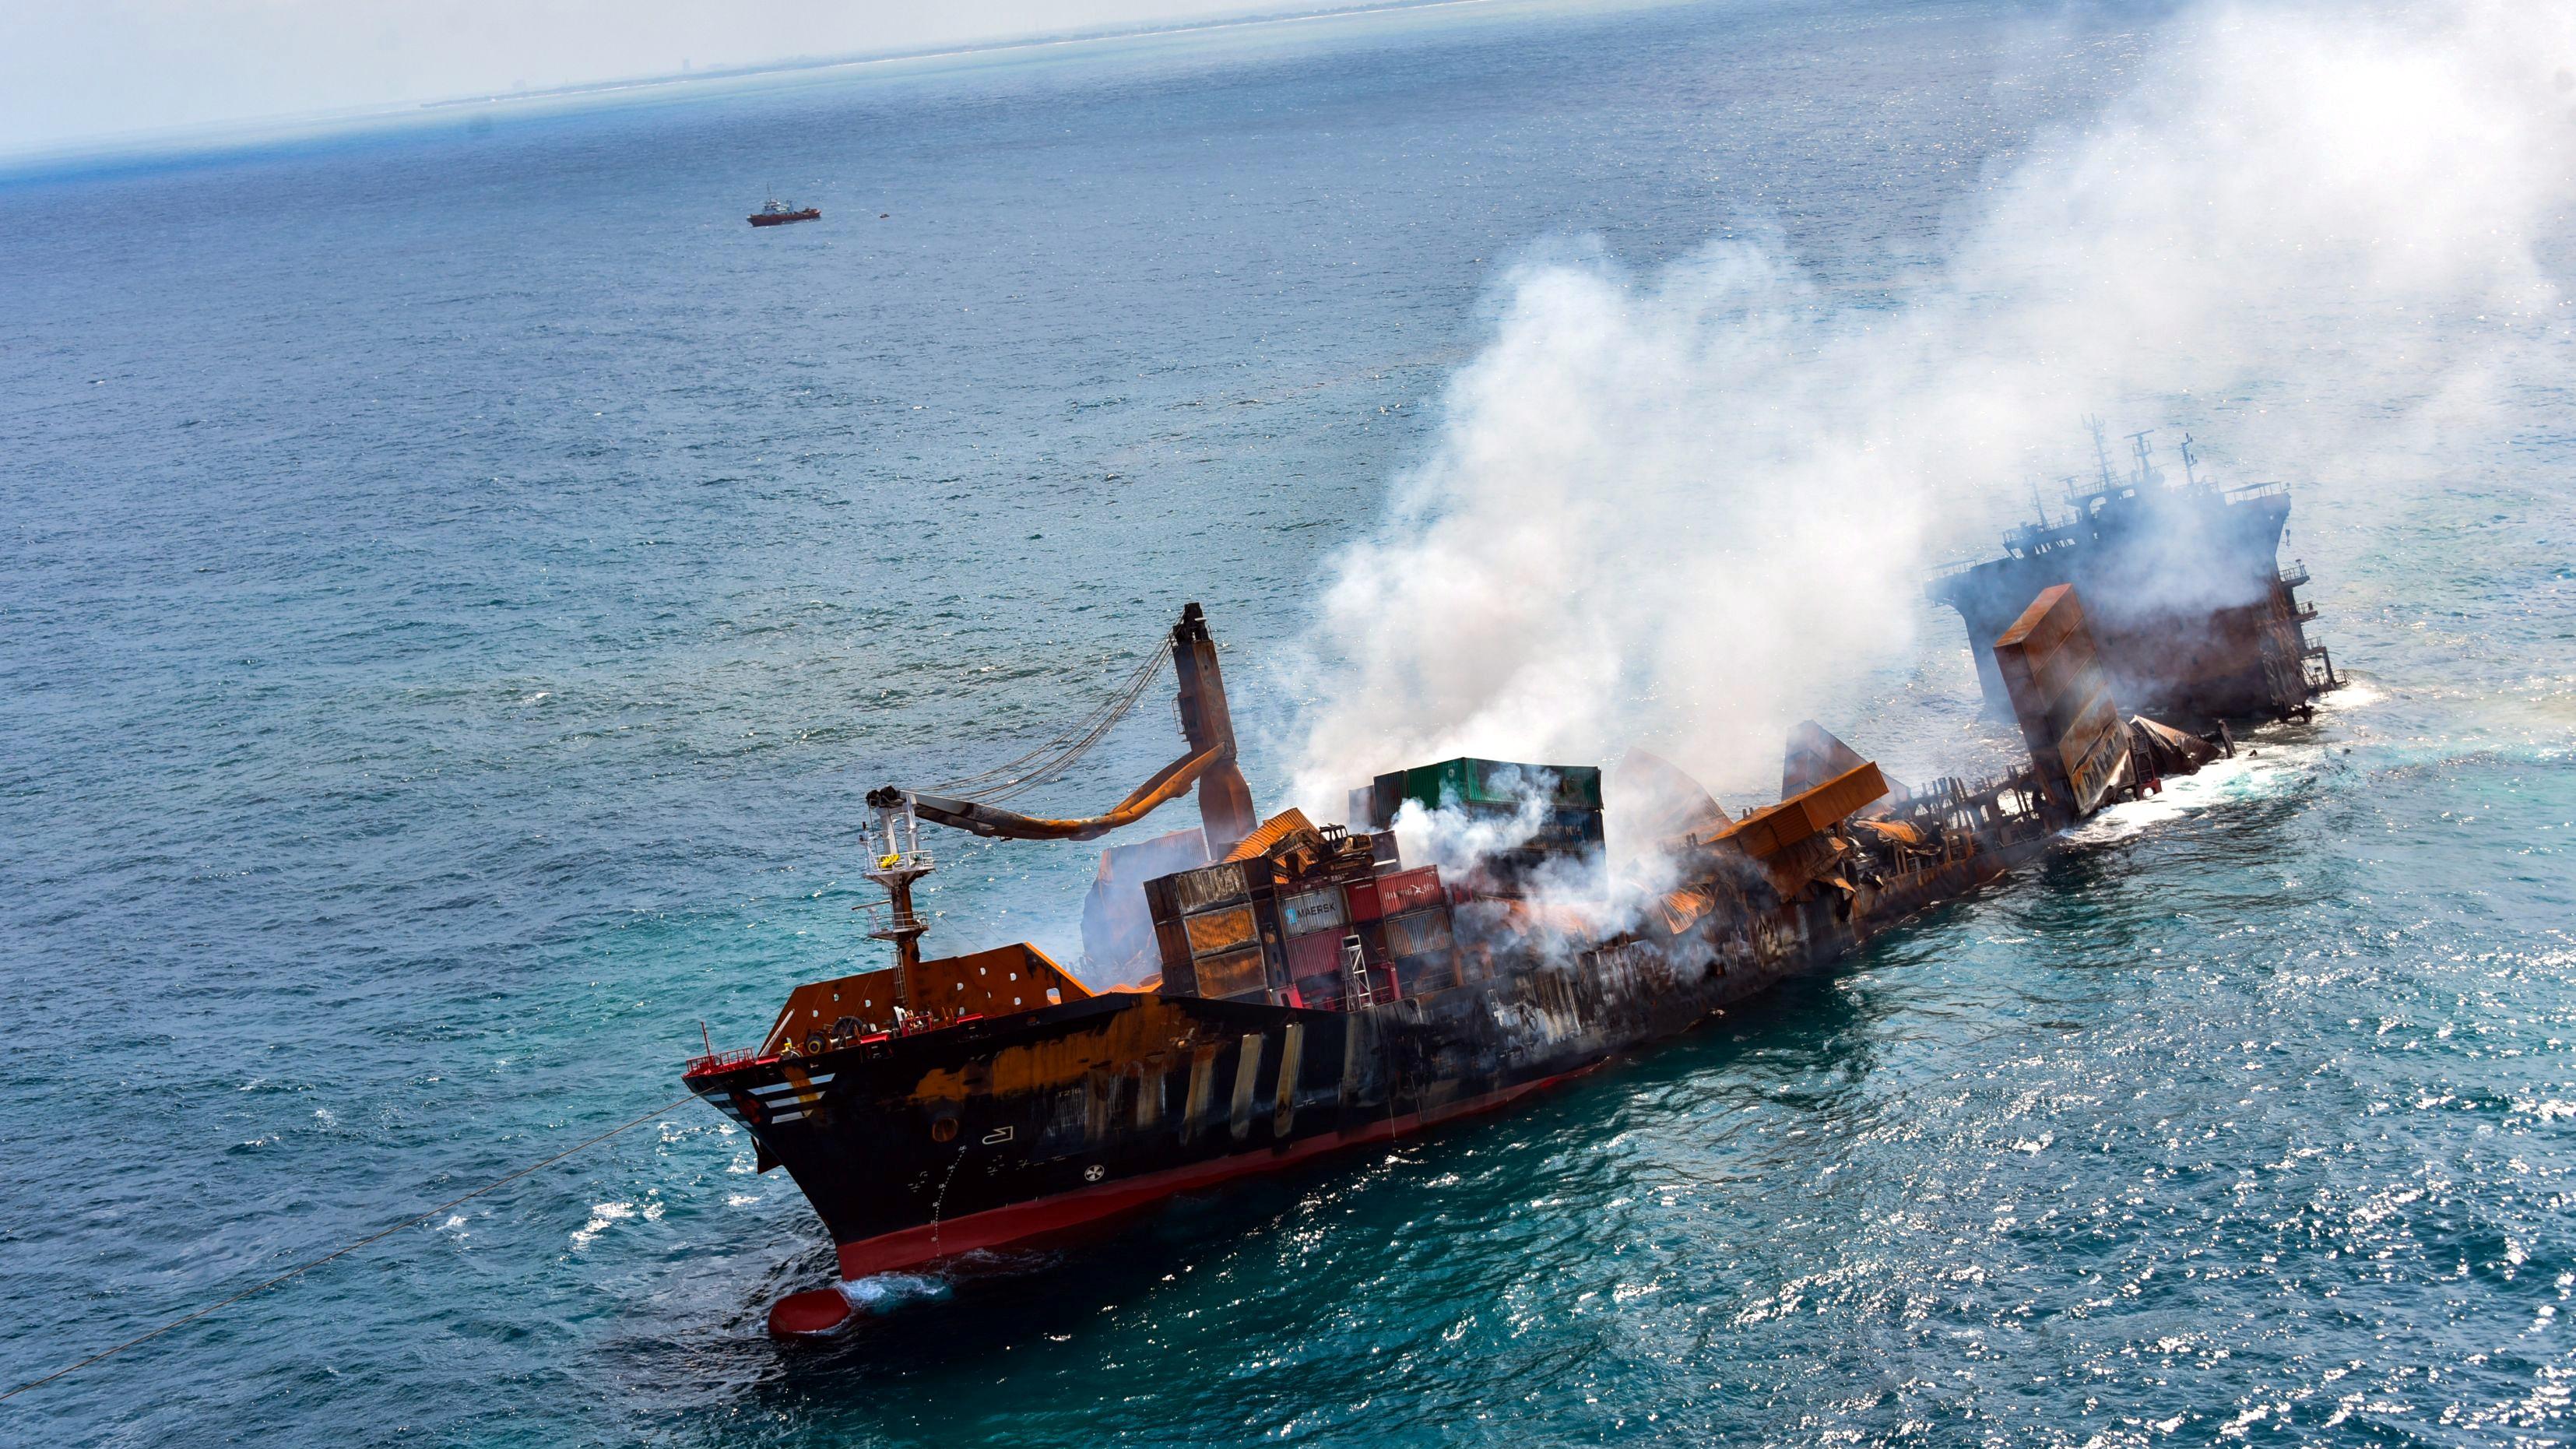 Smoke rises from a fire onboard the MV X-Press Pearl vessel as it sinks